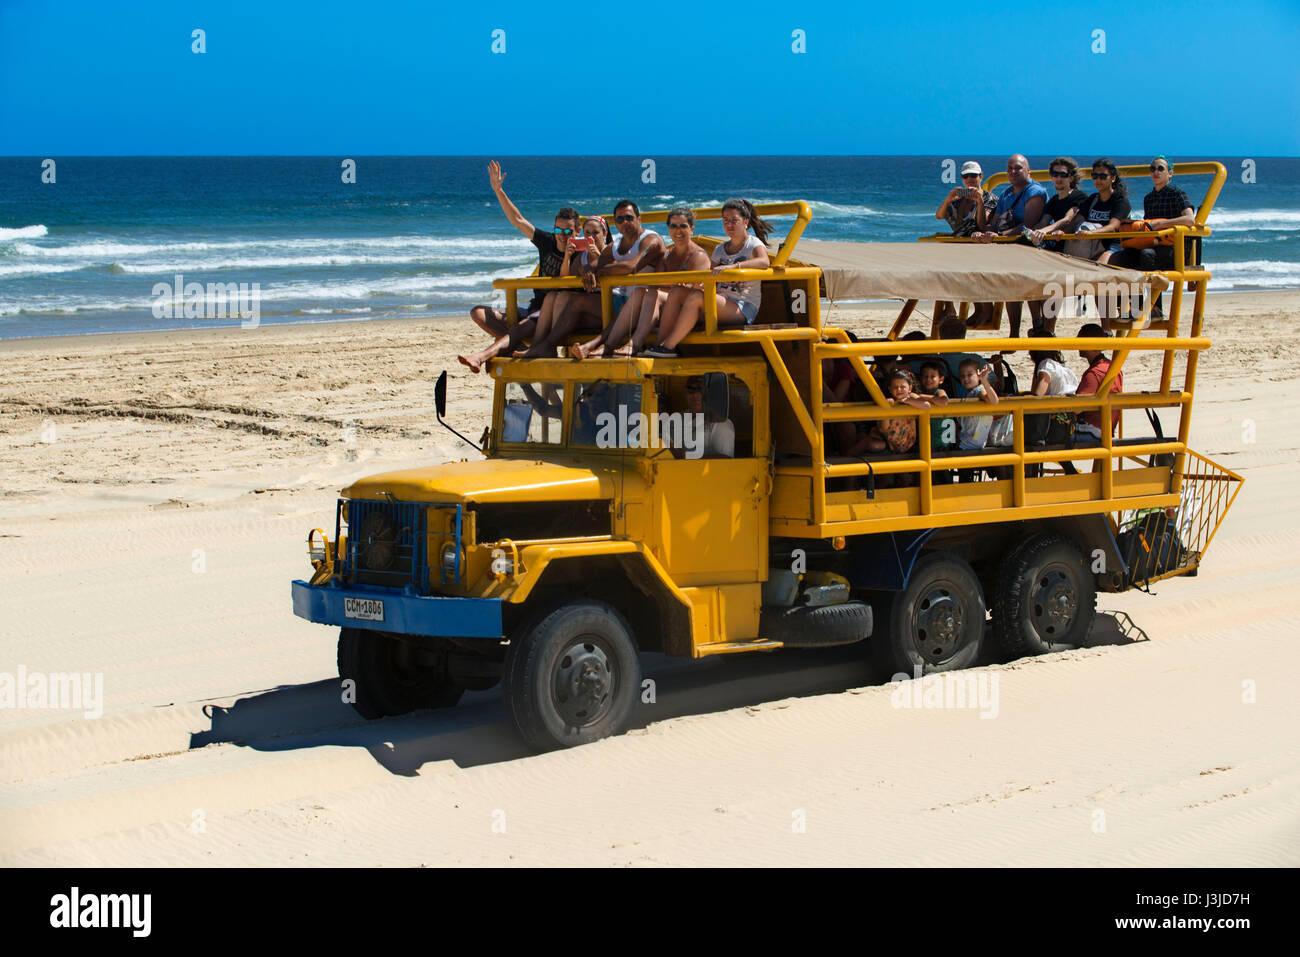 Carrelli speciali sono utilizzate per ottenere la frazione, Cabo polonio, Rocha Dipartimento, Uruguay. Immagini Stock